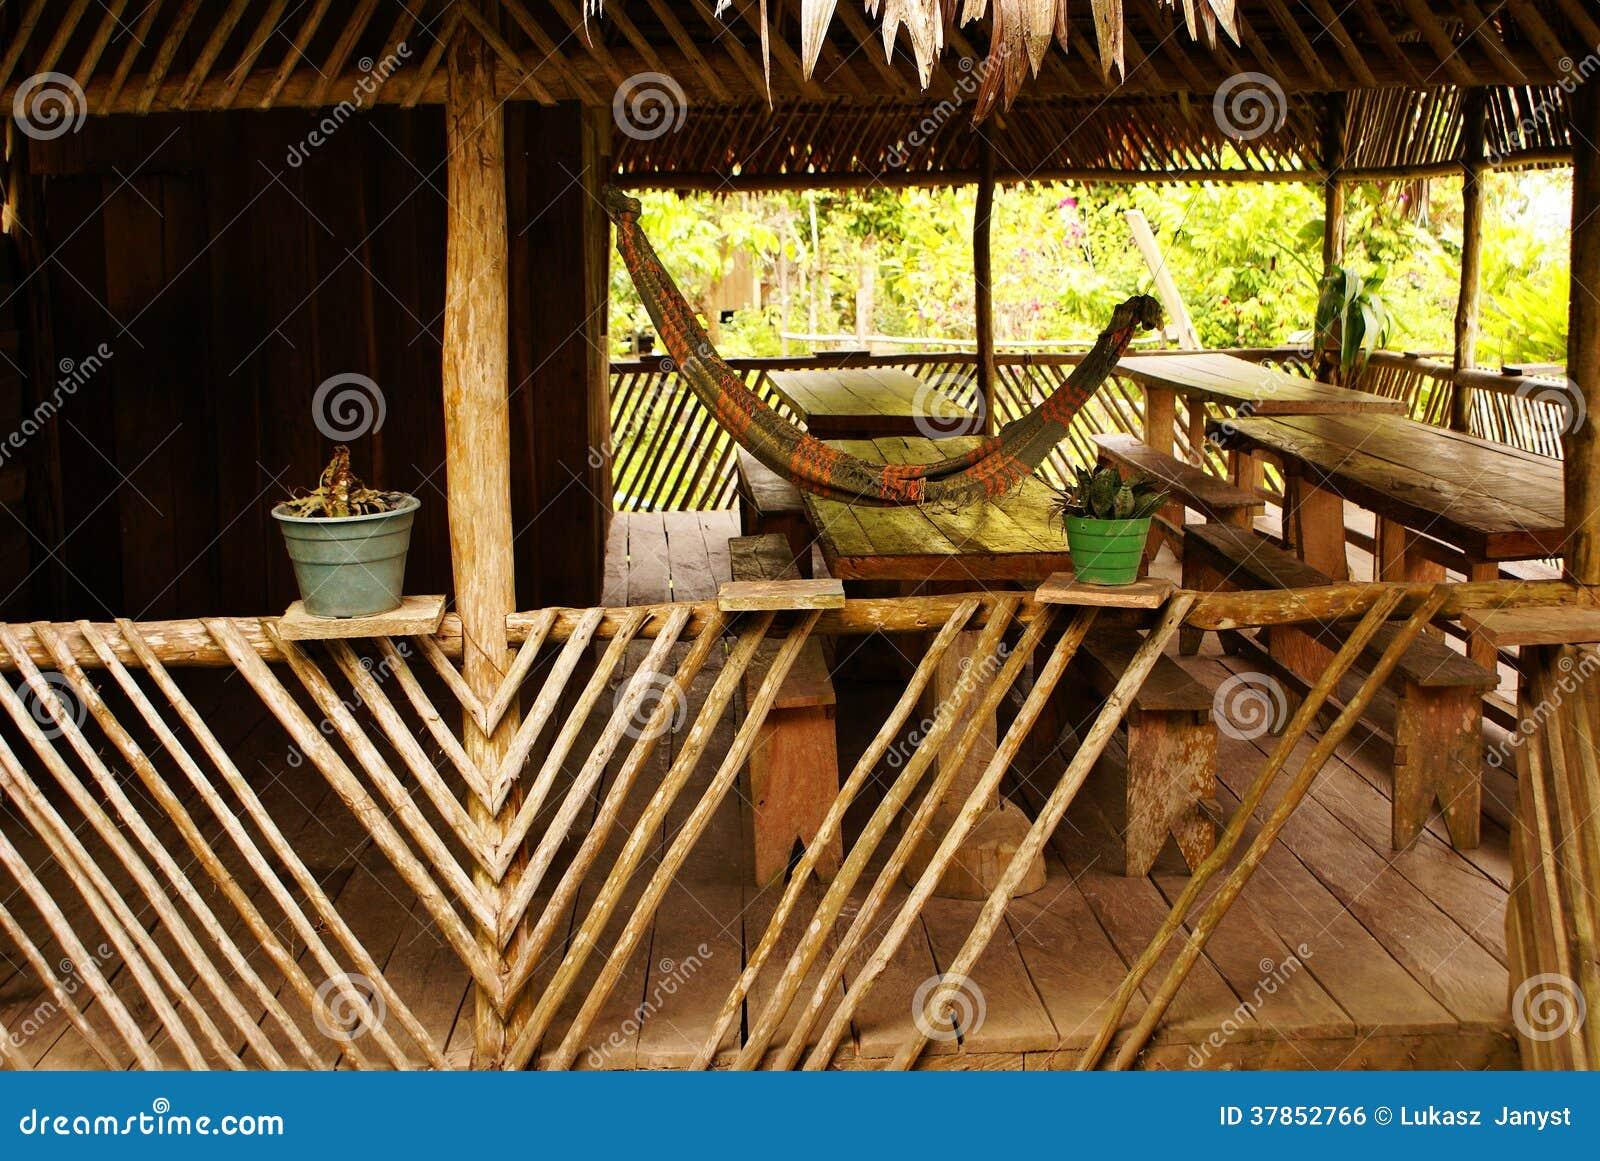 Peru, paisagem peruana de Amazonas. O pagamento indiano típico dos tribos do presente da foto nas Amazonas